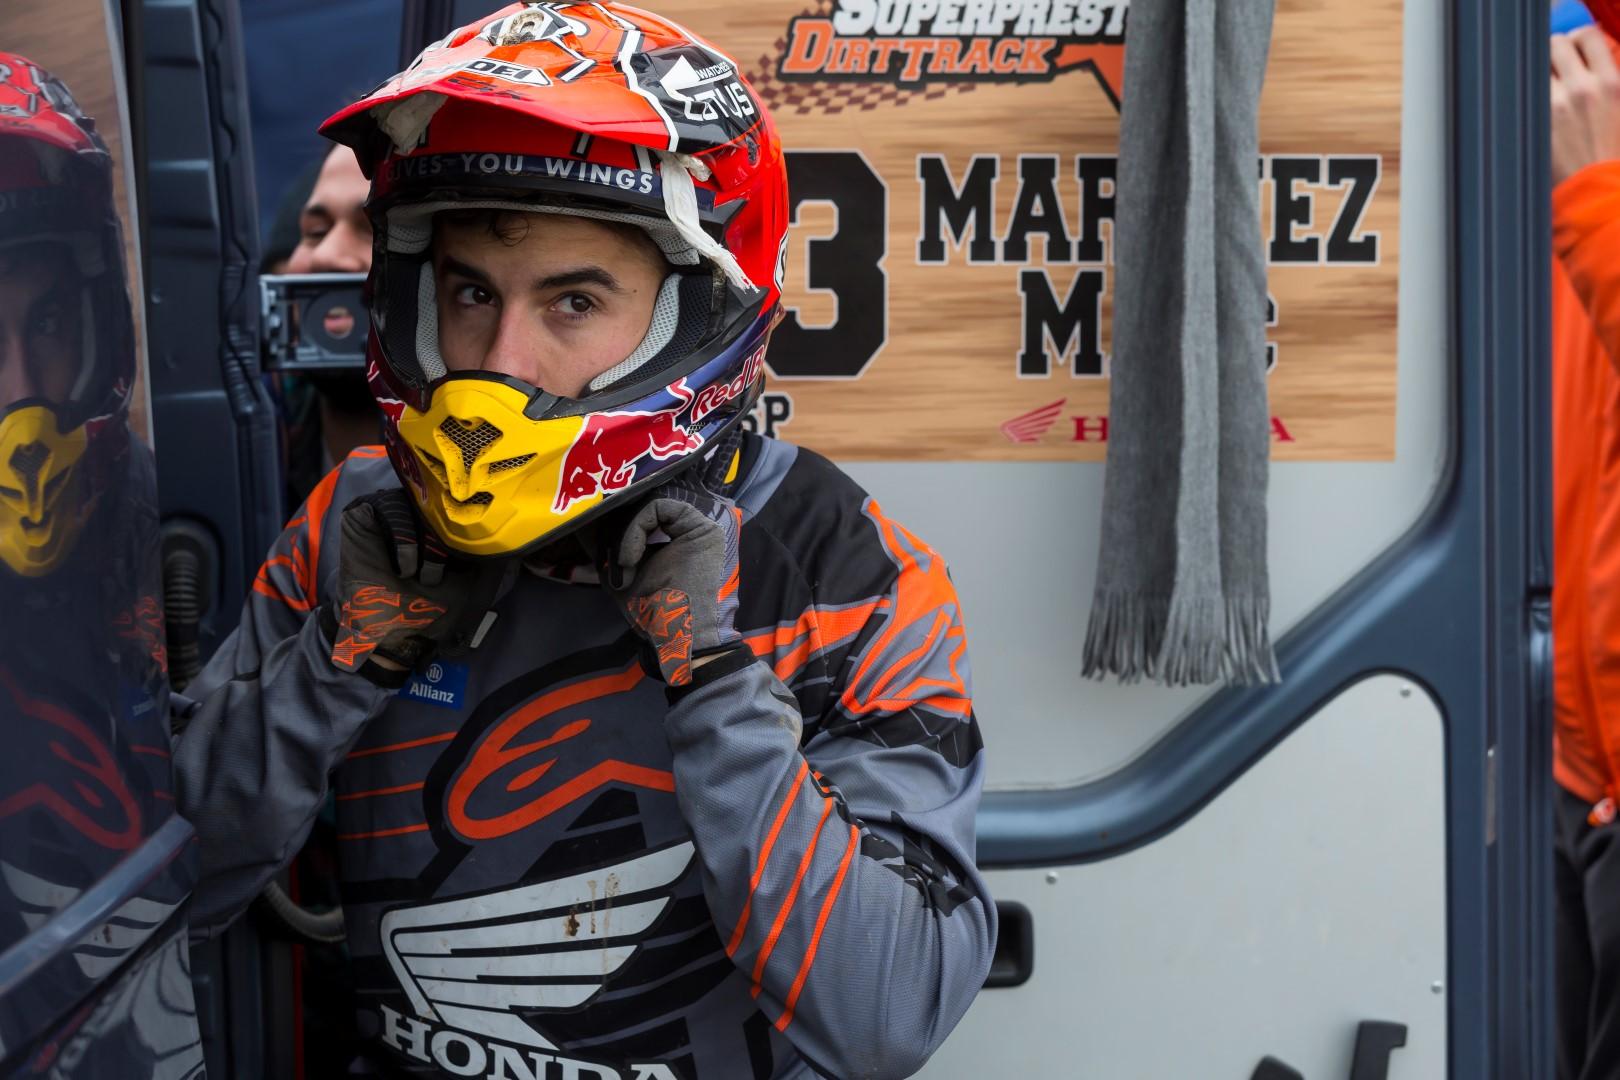 Marc Márquez, piloto de enduro